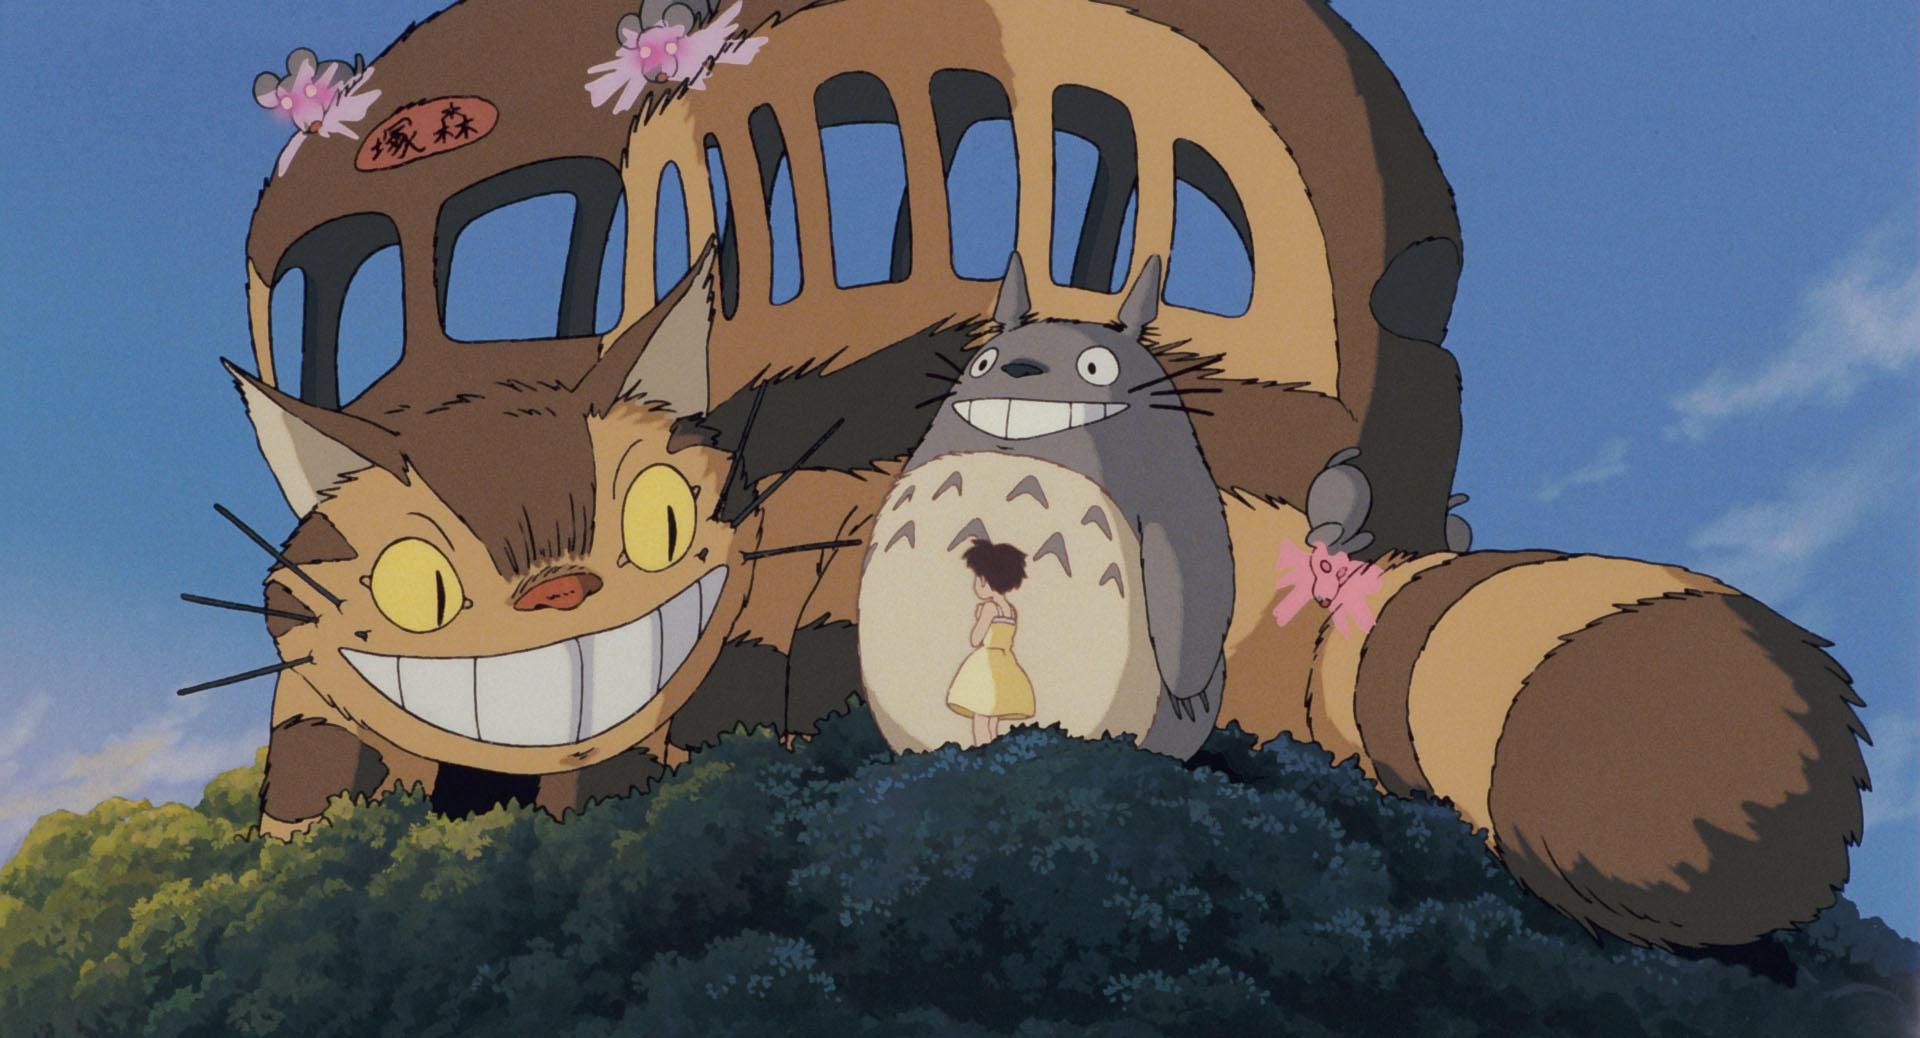 Mój sąsiad Totoro. Klasyka anime ze Studio Ghibli (Tonari no Totoro)